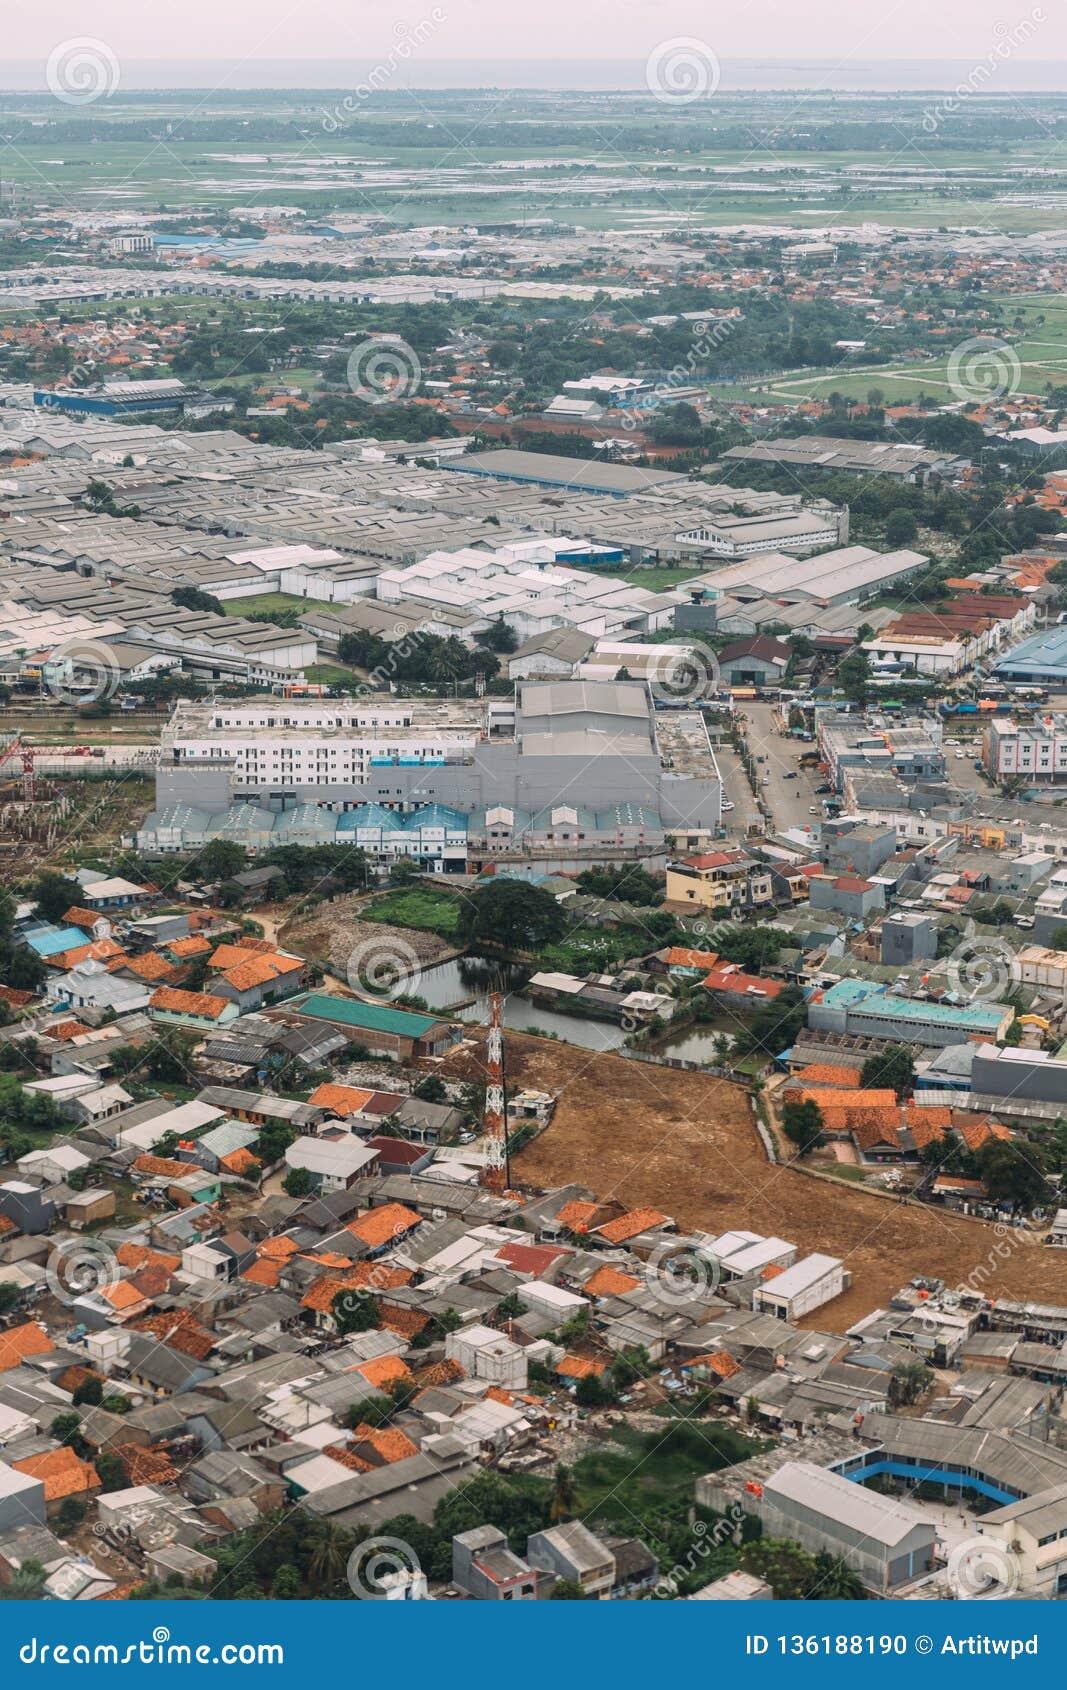 Park przemysłowy w poza śródmieściem Dżakarta, Indonezja Widok z lotu ptaka fabryki i domy od samolotu